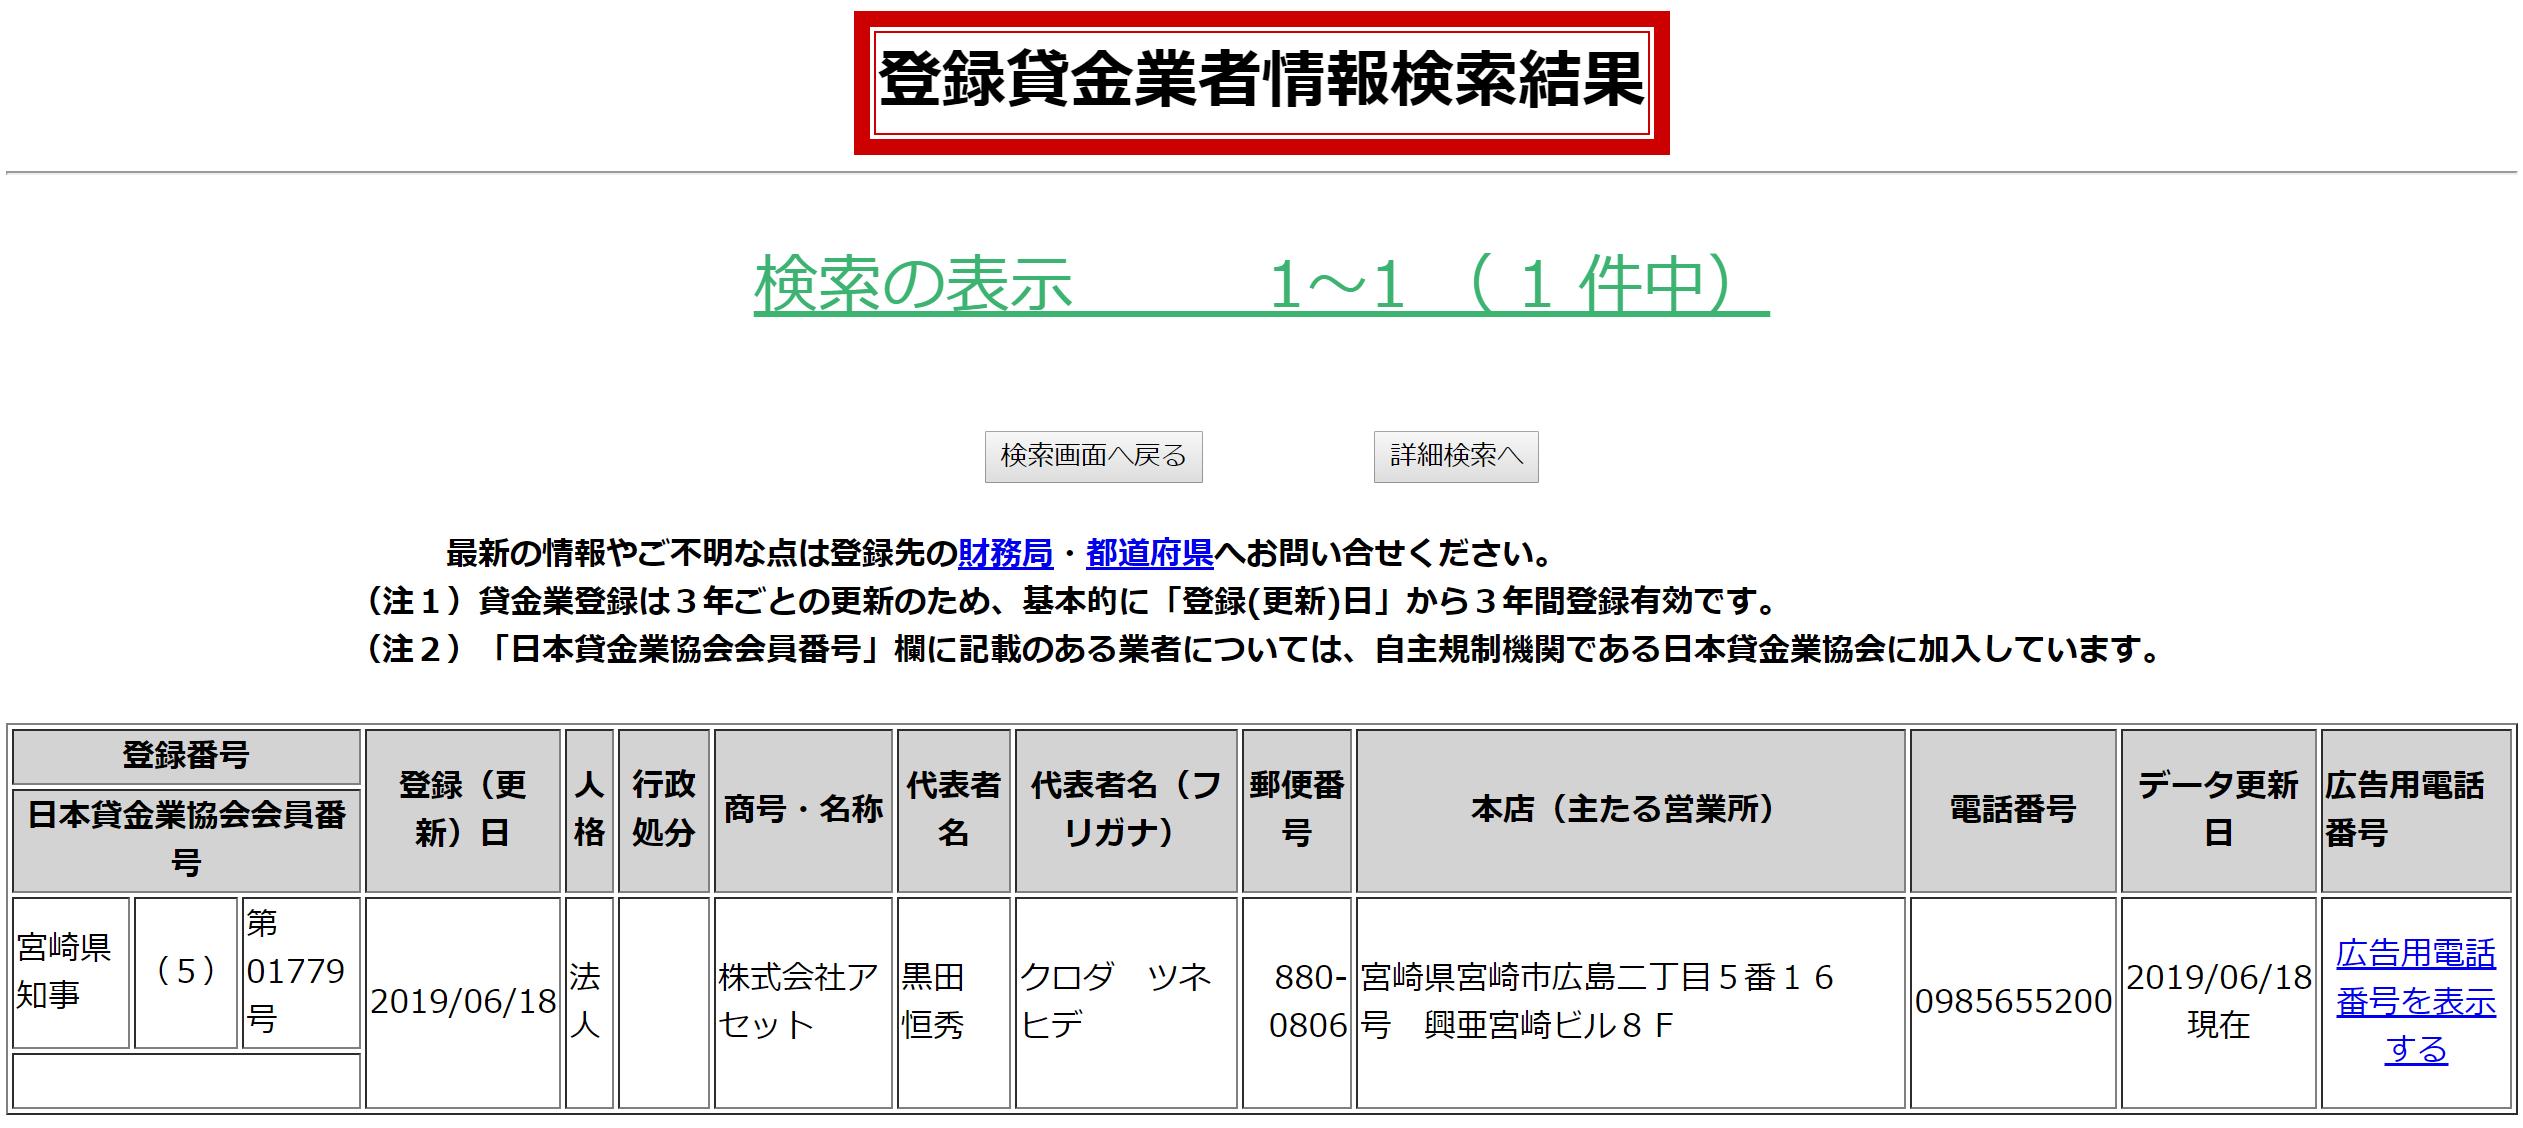 株式会社アセットの貸金業登録情報